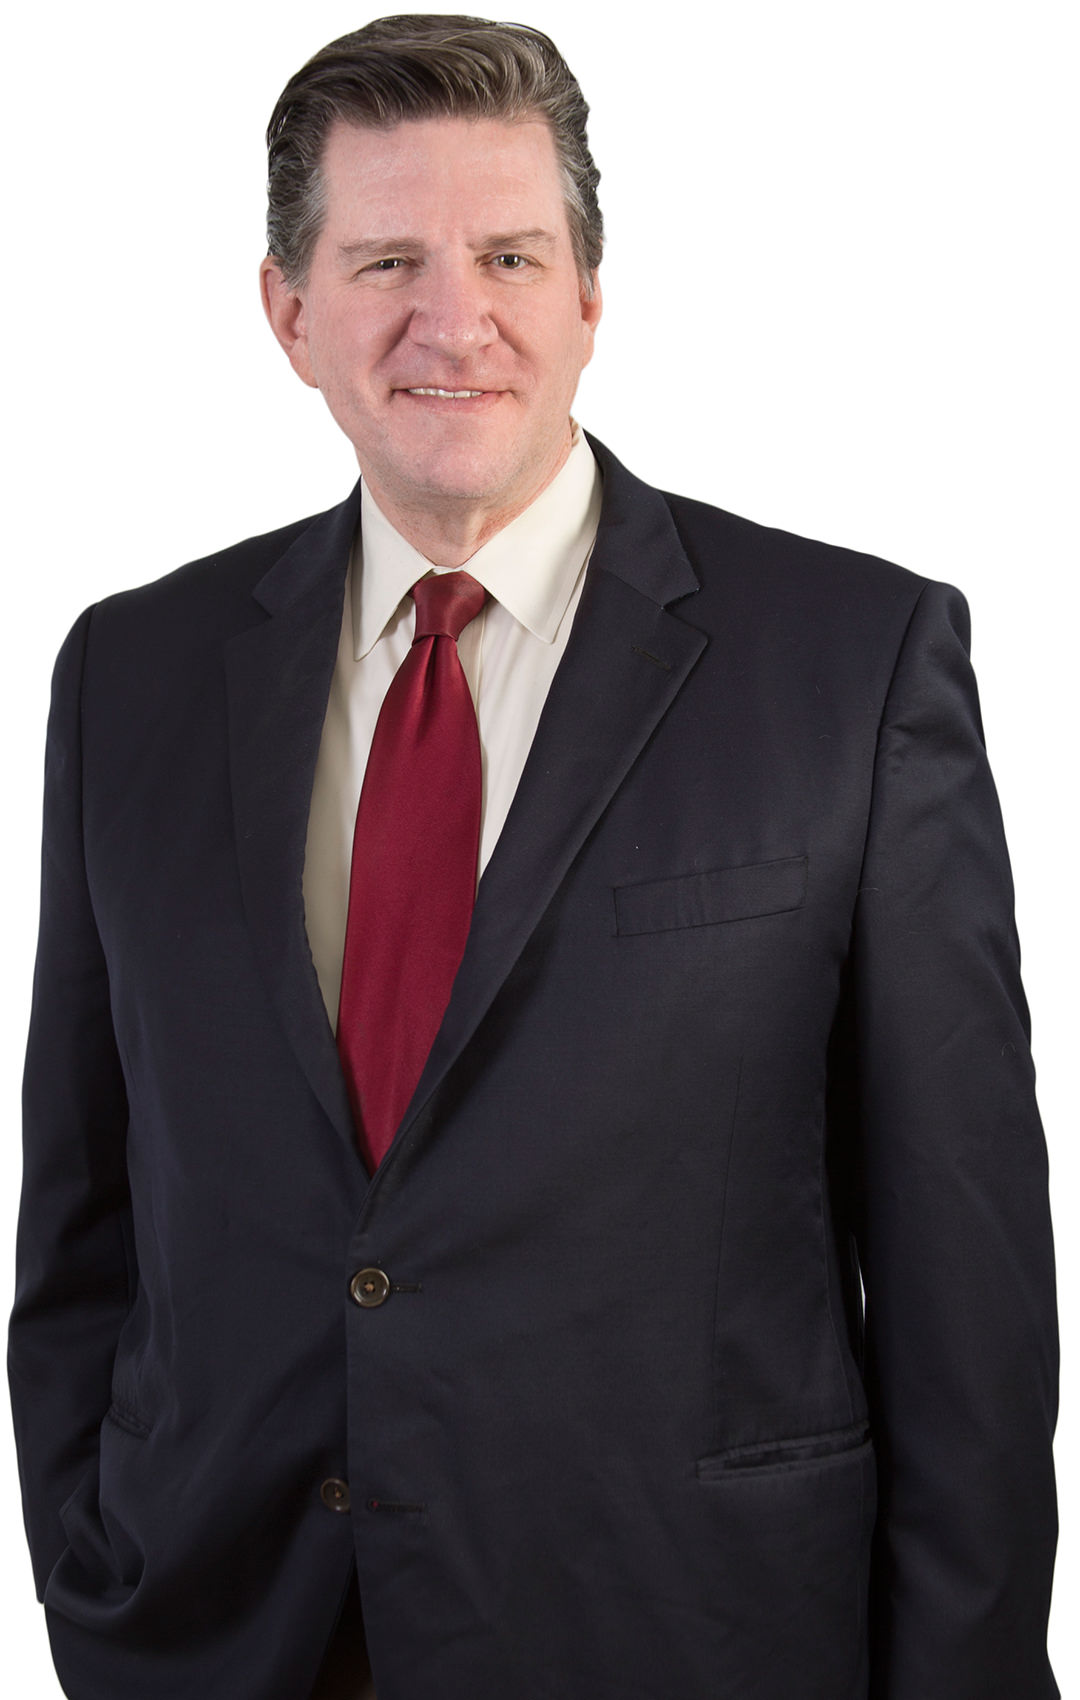 Daniel B. Nunn, Jr.